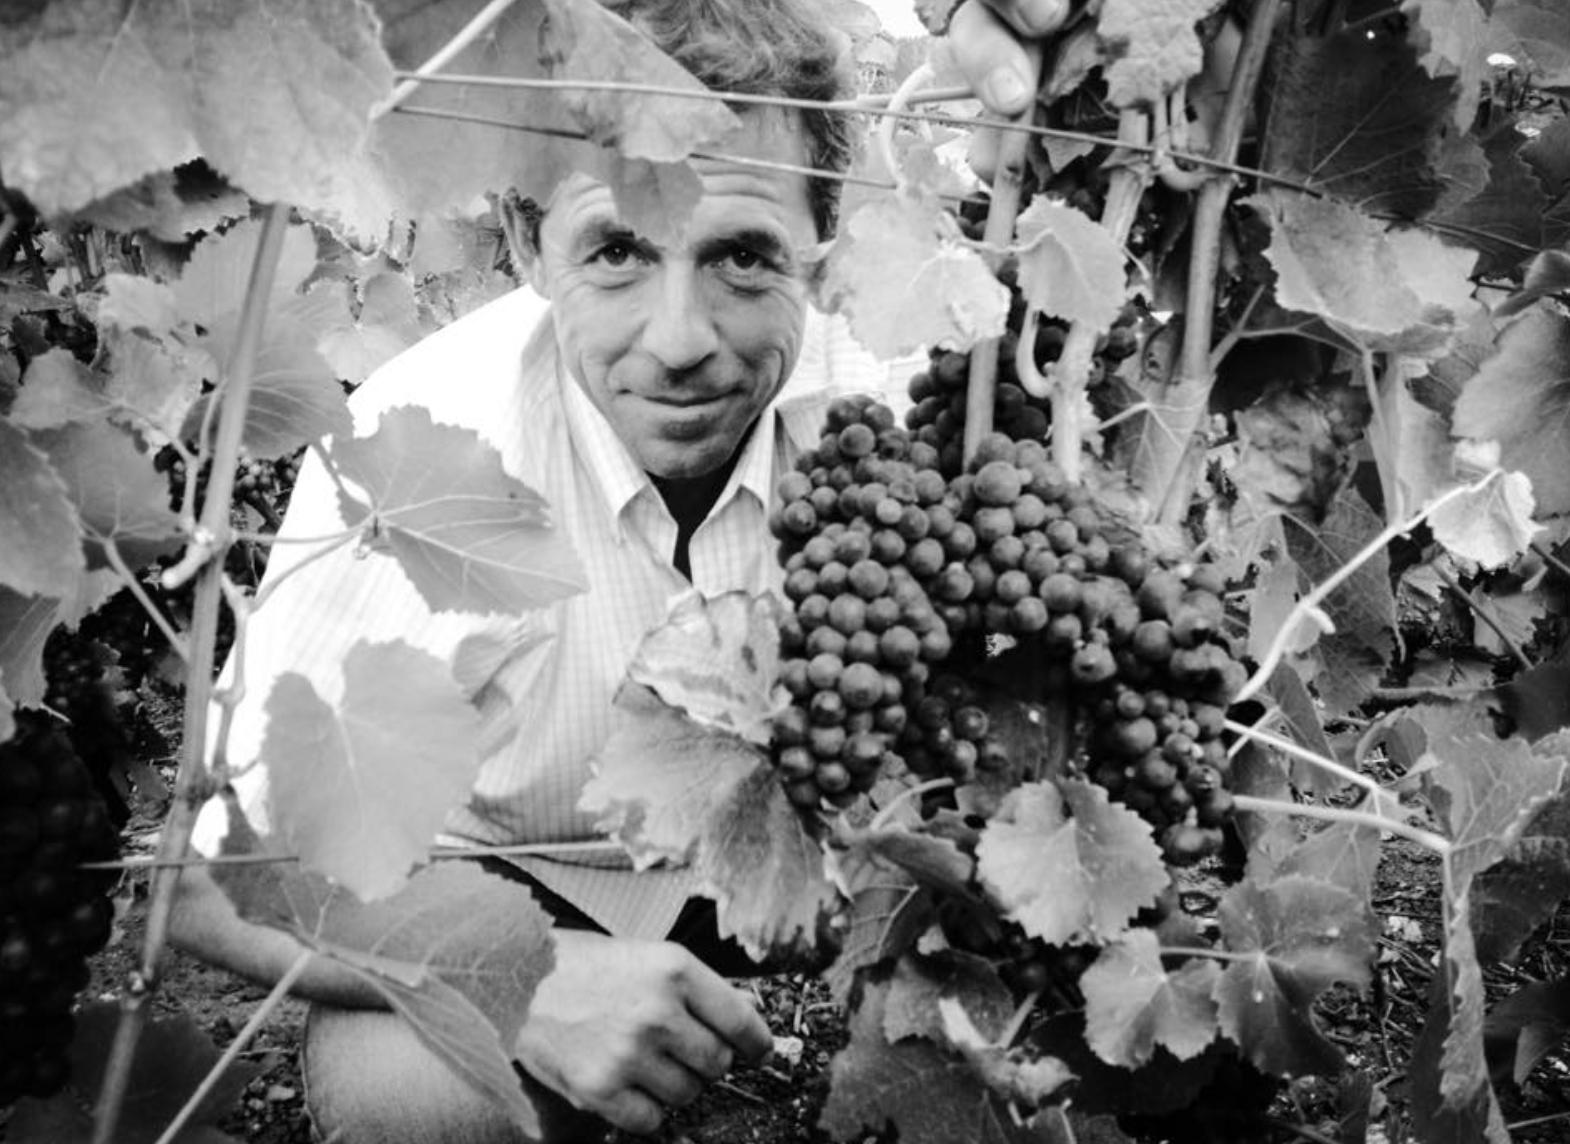 Hervé_GOBILLARD,_viticulteur_passionné_par_la_vigne_et_le_vin.